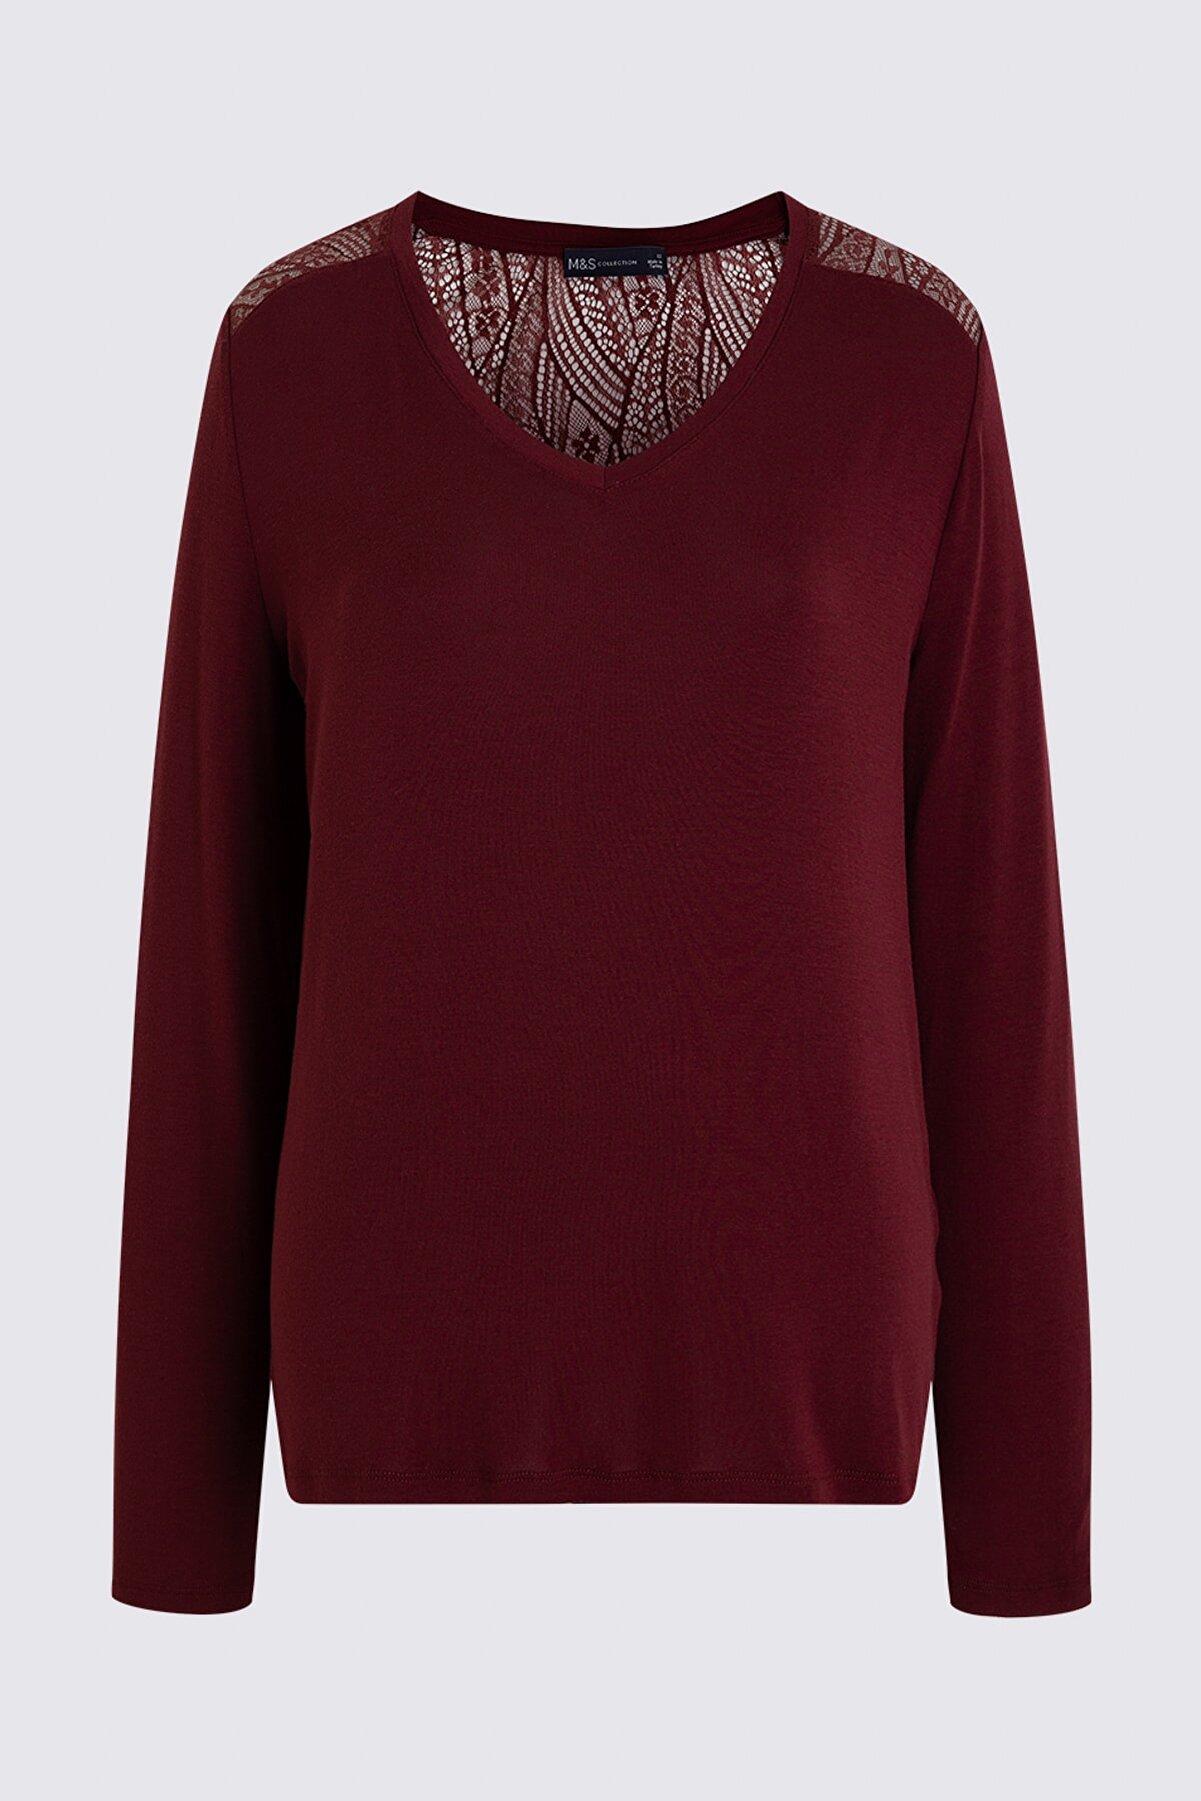 Marks & Spencer Kadın Mor Uzun Kollu T-Shirt T41006100X